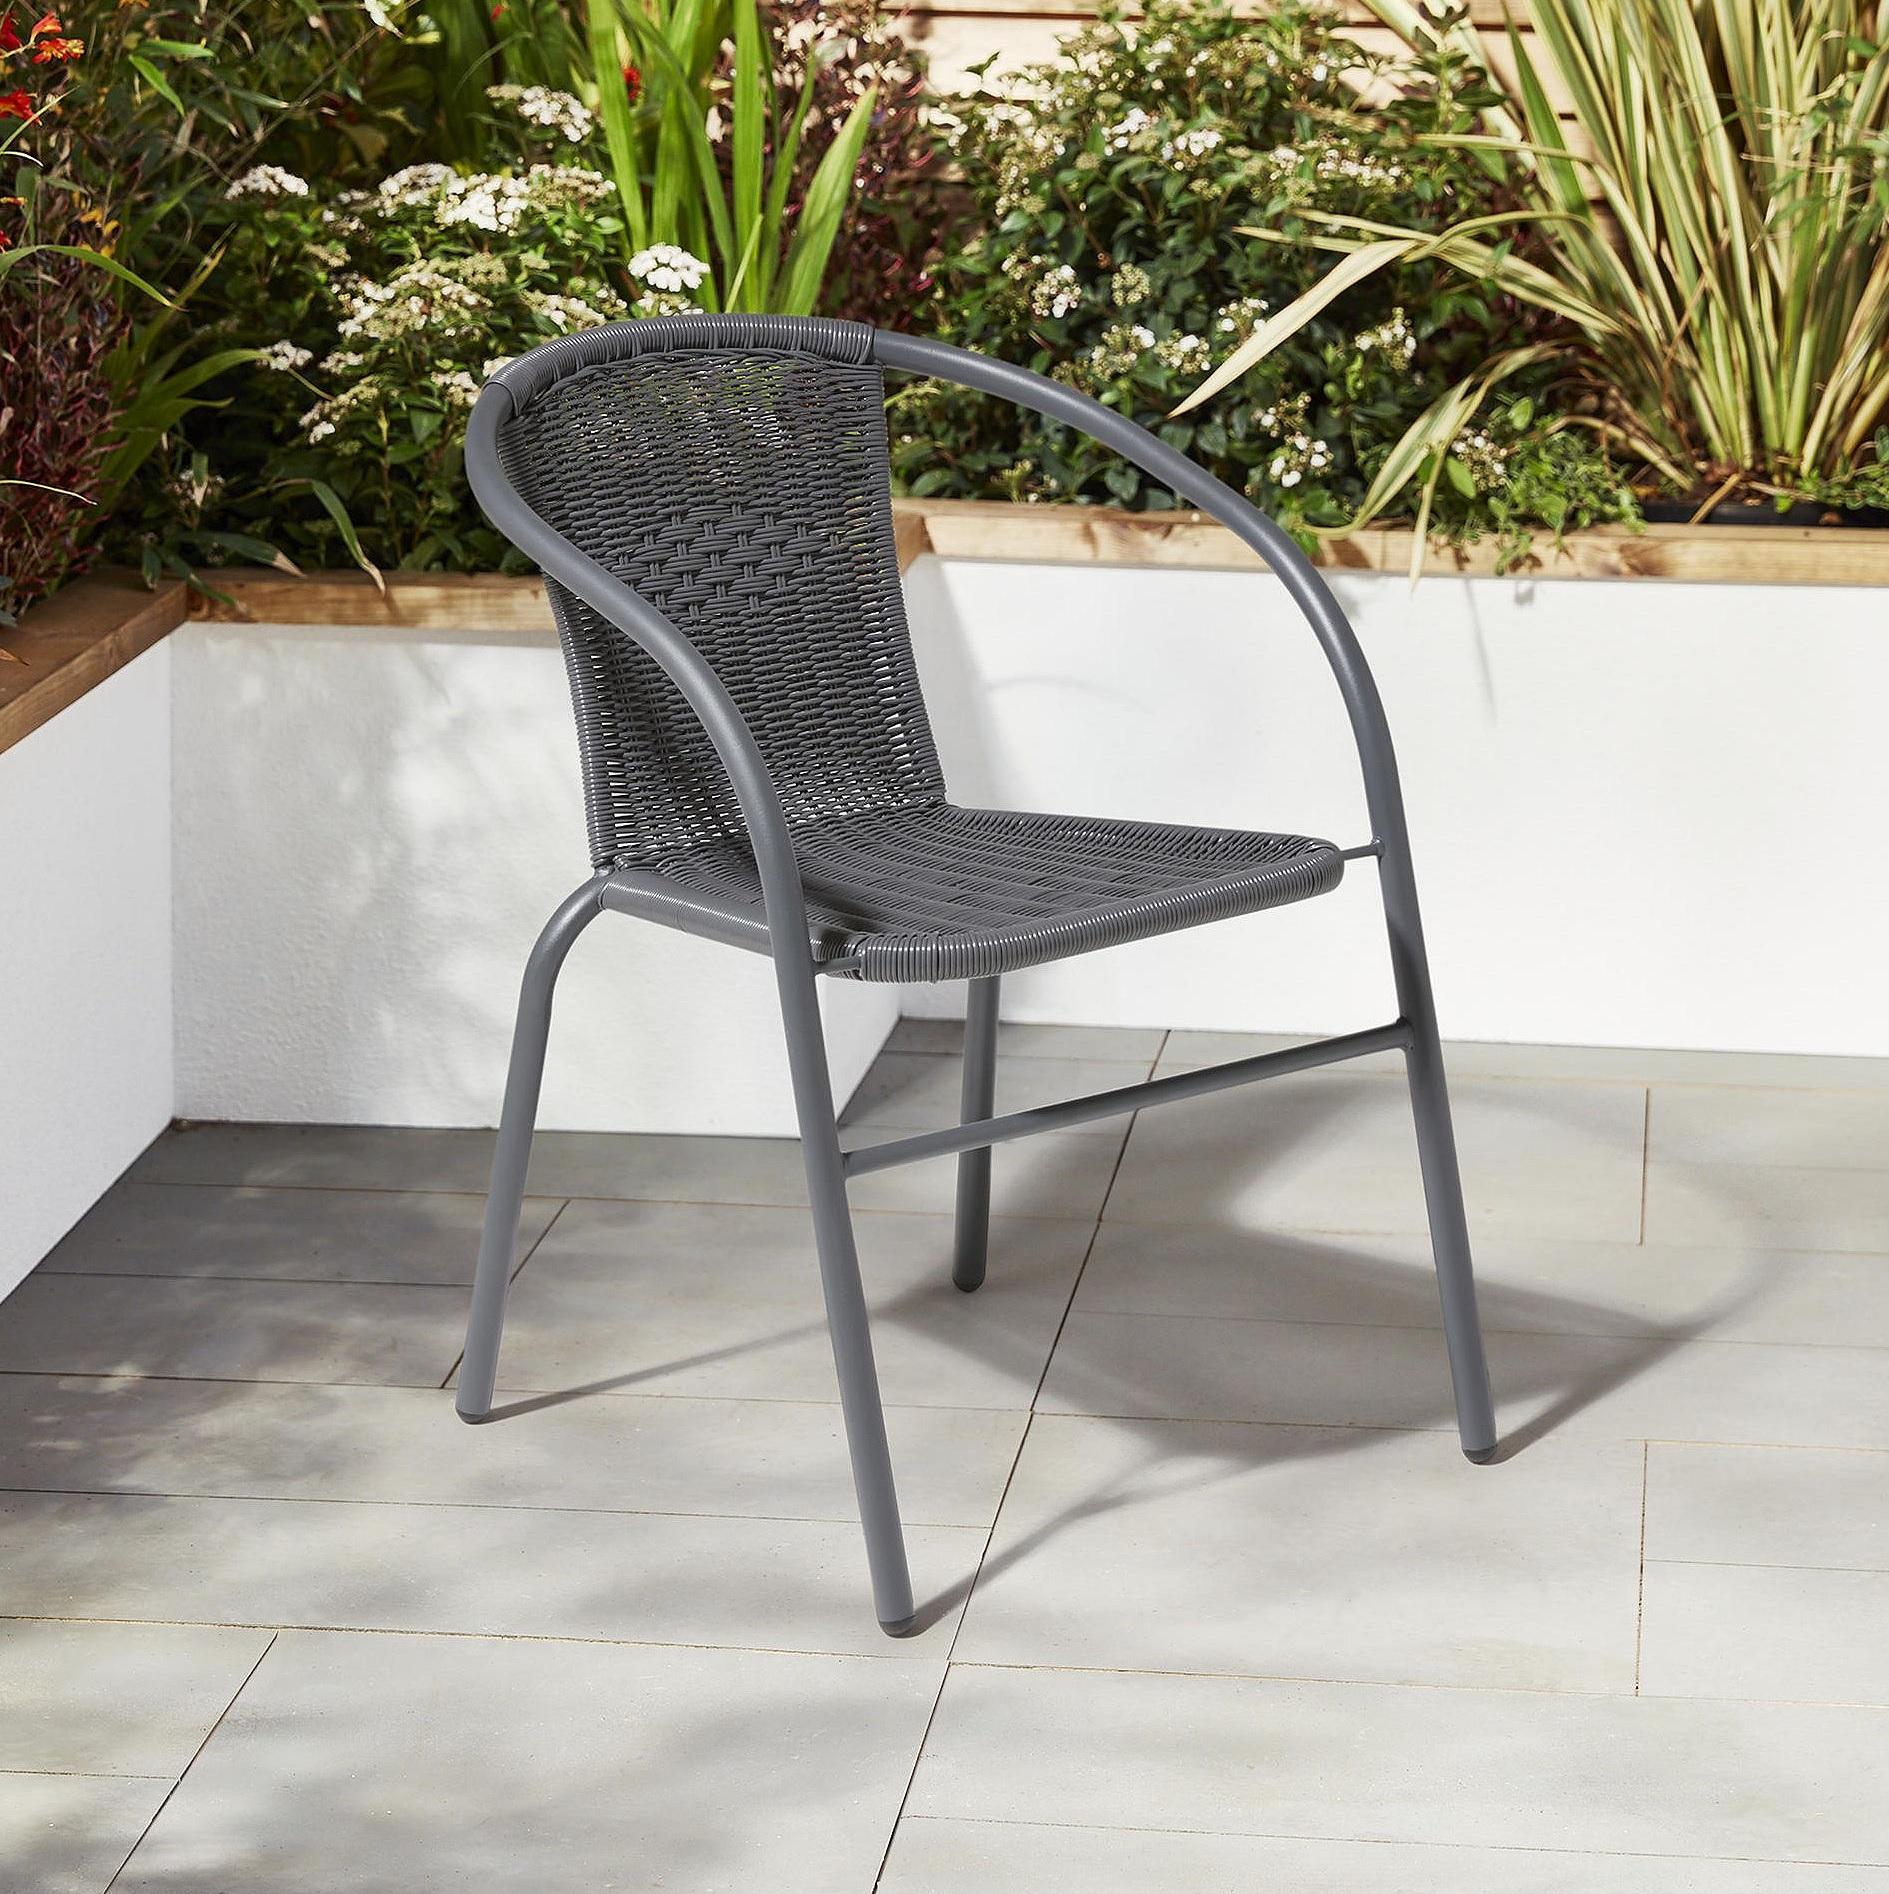 Lujoso Tesco Venta Muebles De Jardín Elaboración - Muebles Para ...